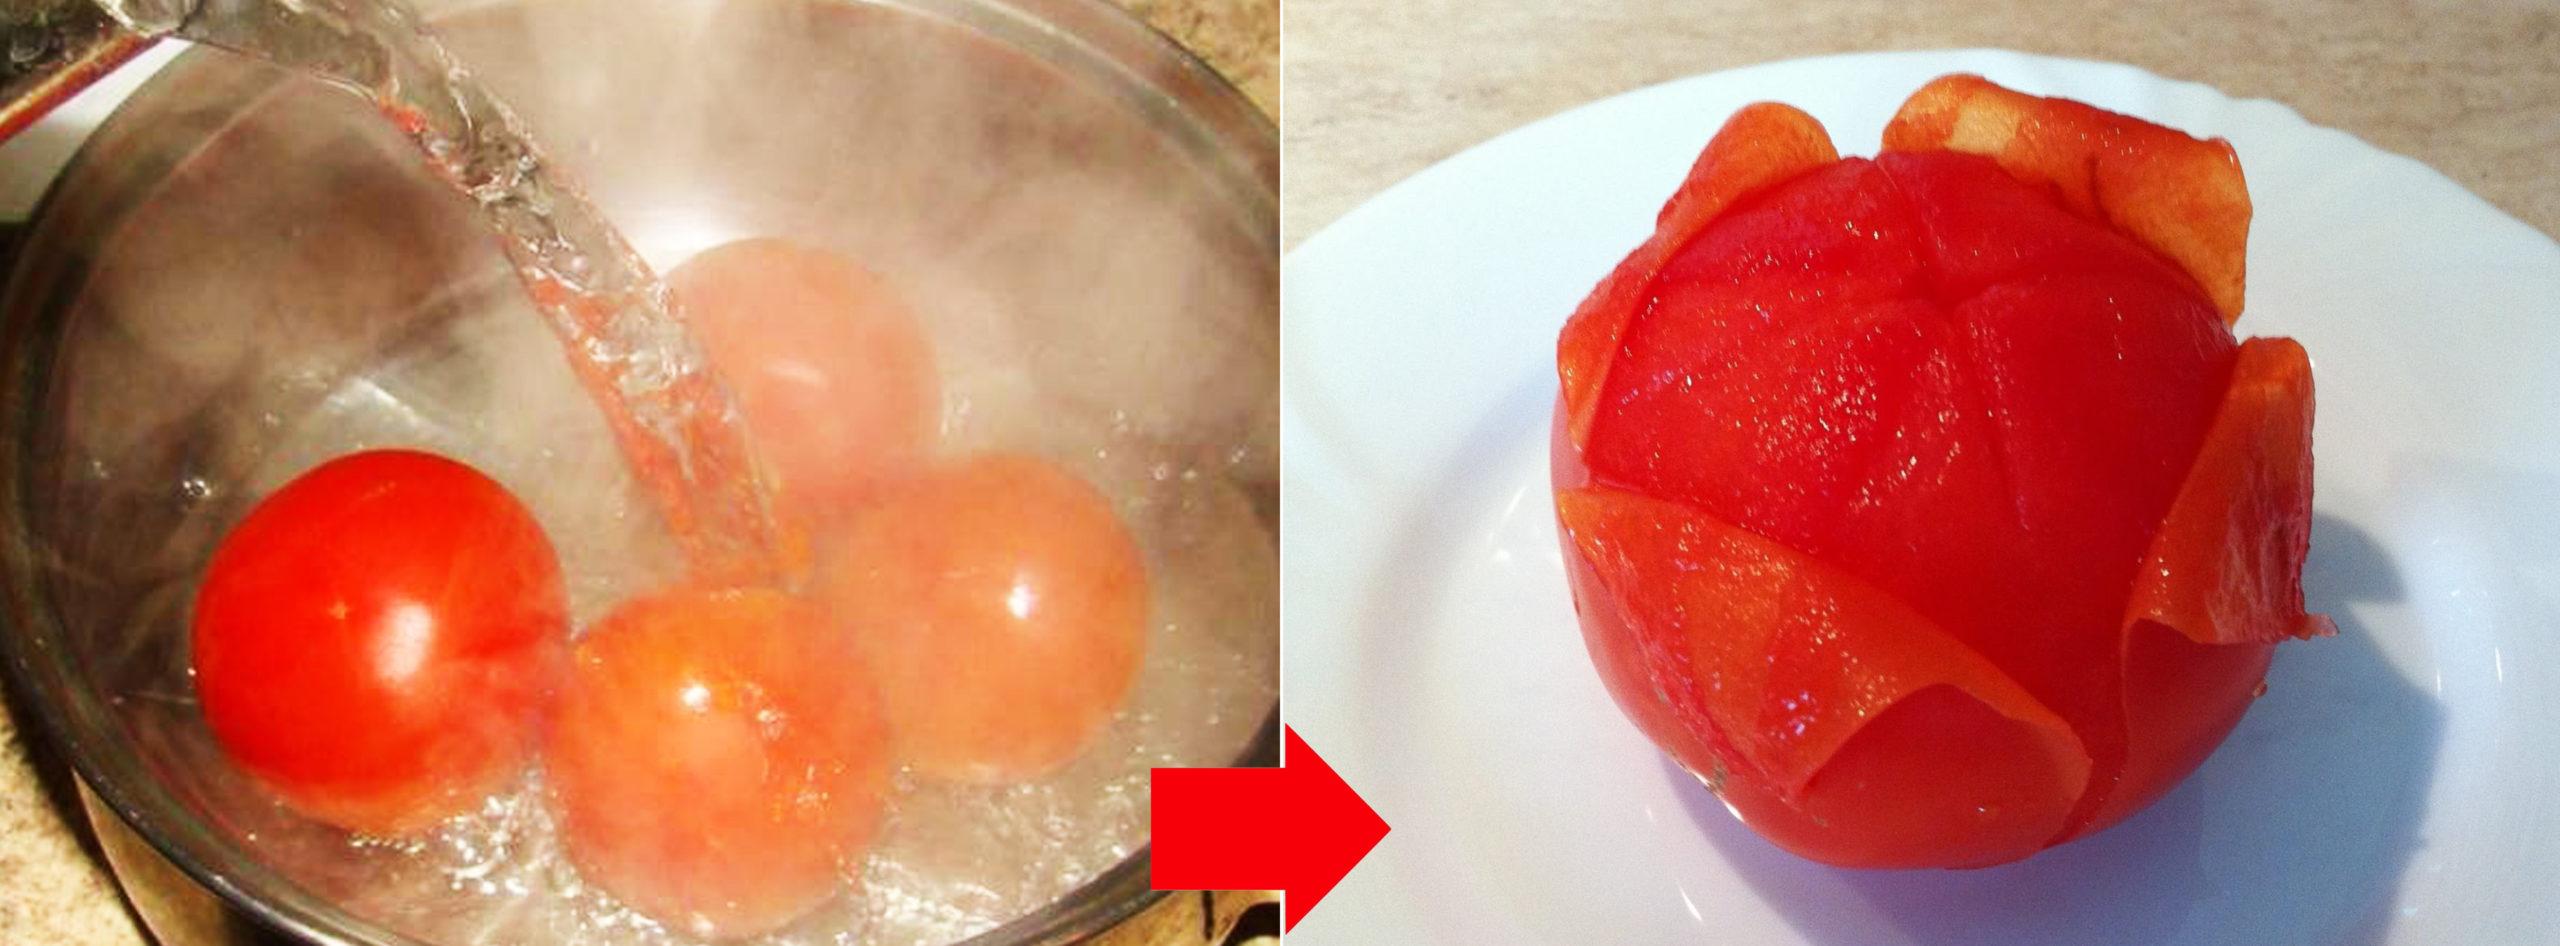 Классическое приготовление лечо из болгарского перца и помидор